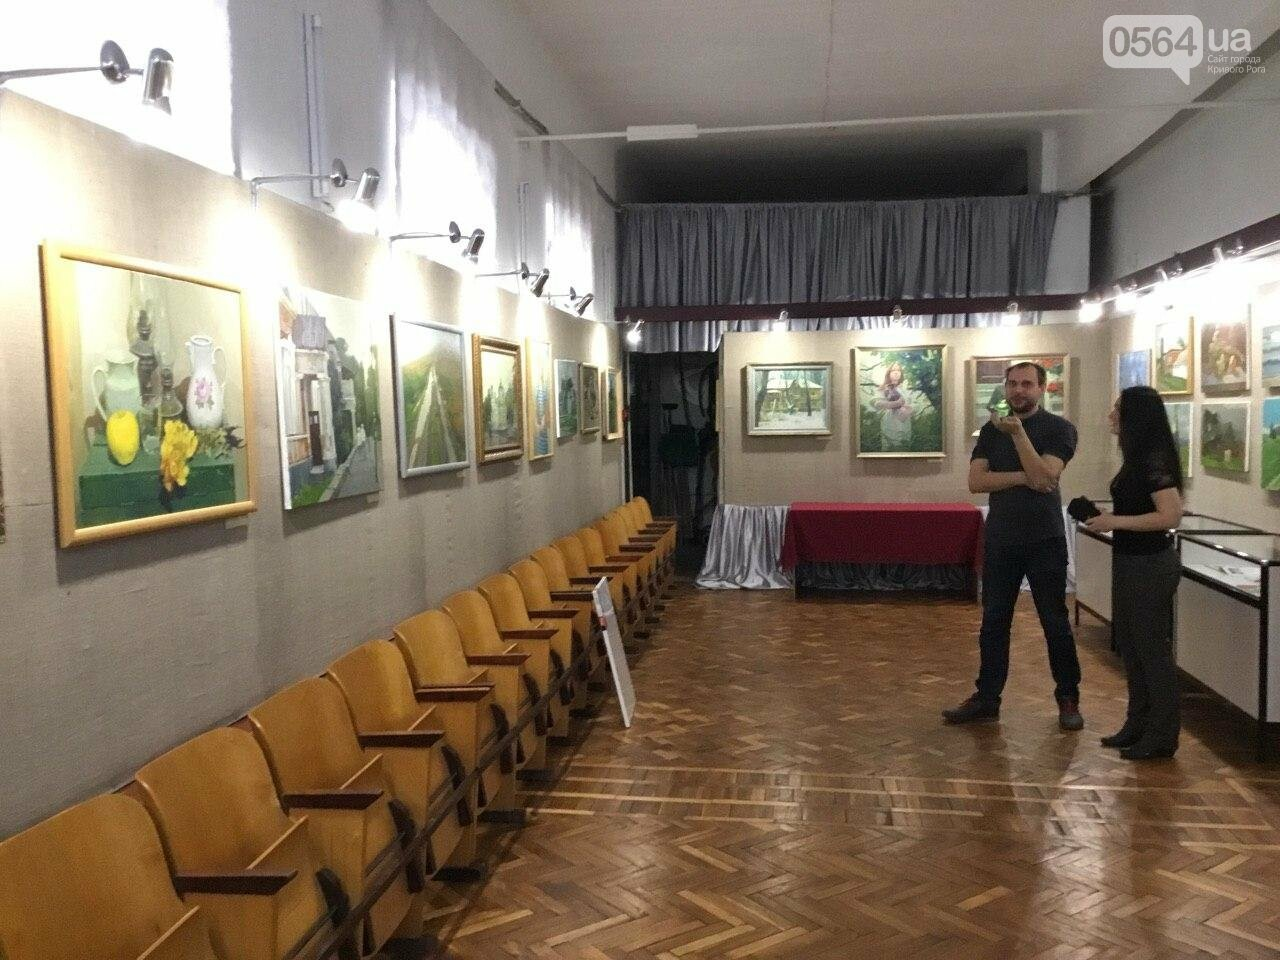 """В криворожском музее открылась художественная выставка """"Траектория творчества"""", - ФОТО, ВИДЕО, фото-4"""